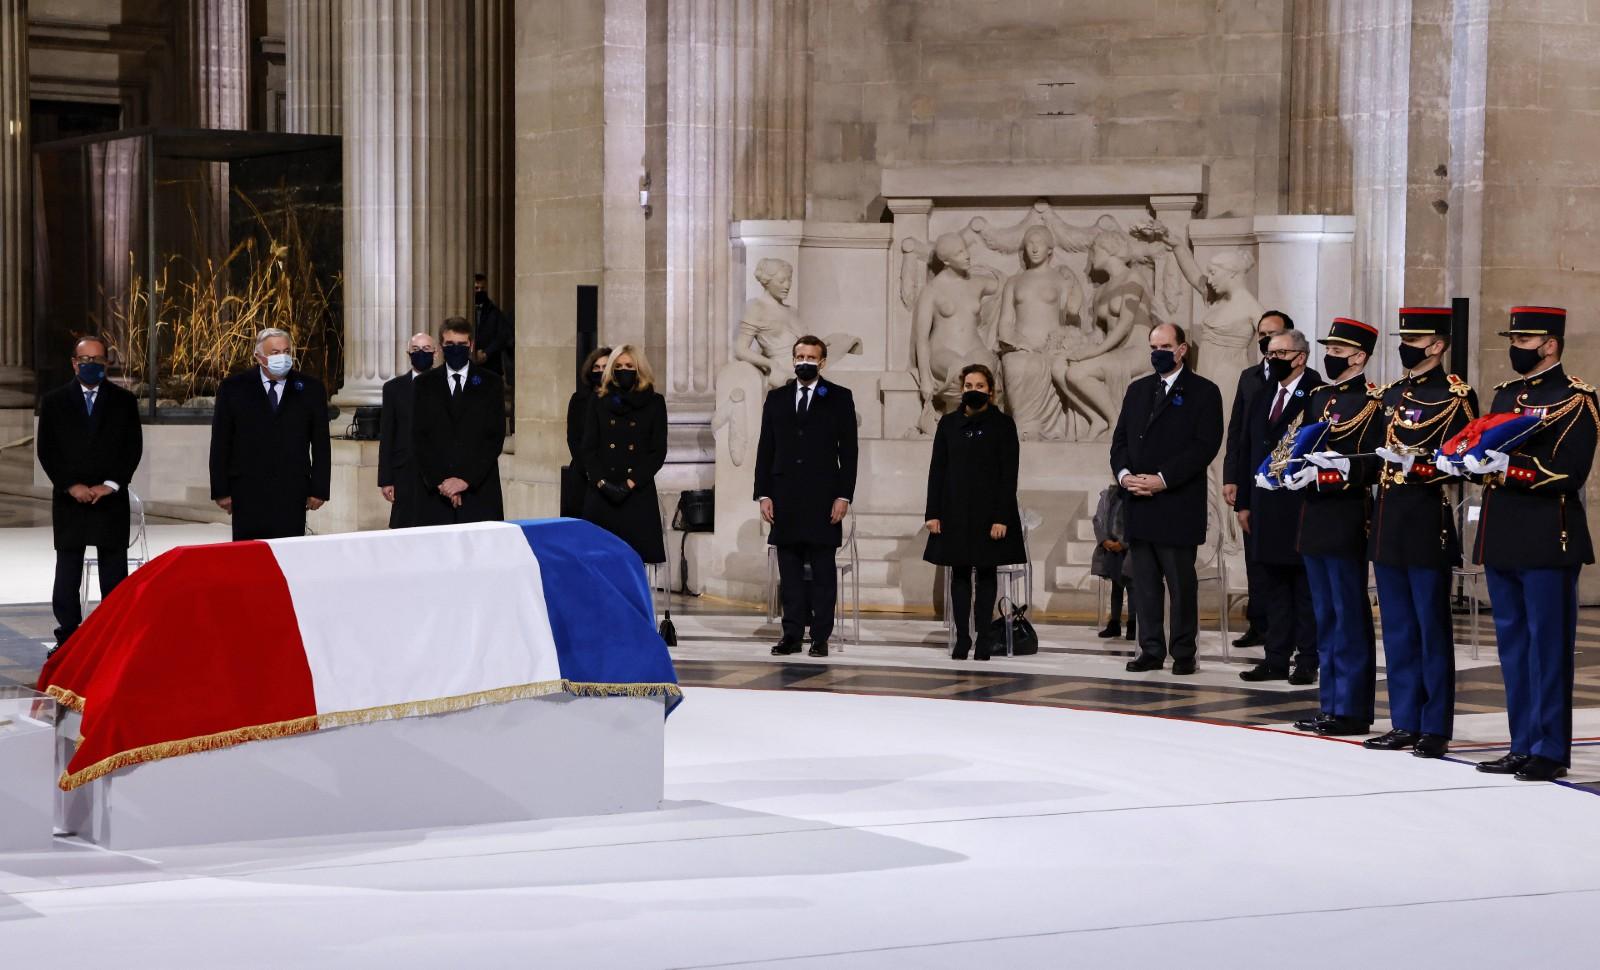 La président Macron devant le cercueil de Maurice Genevoix au Panthéon, le 11 novembre 2020 © Ludovic Marin/AP/SIPA Numéro de reportage: AP22512709_000040.